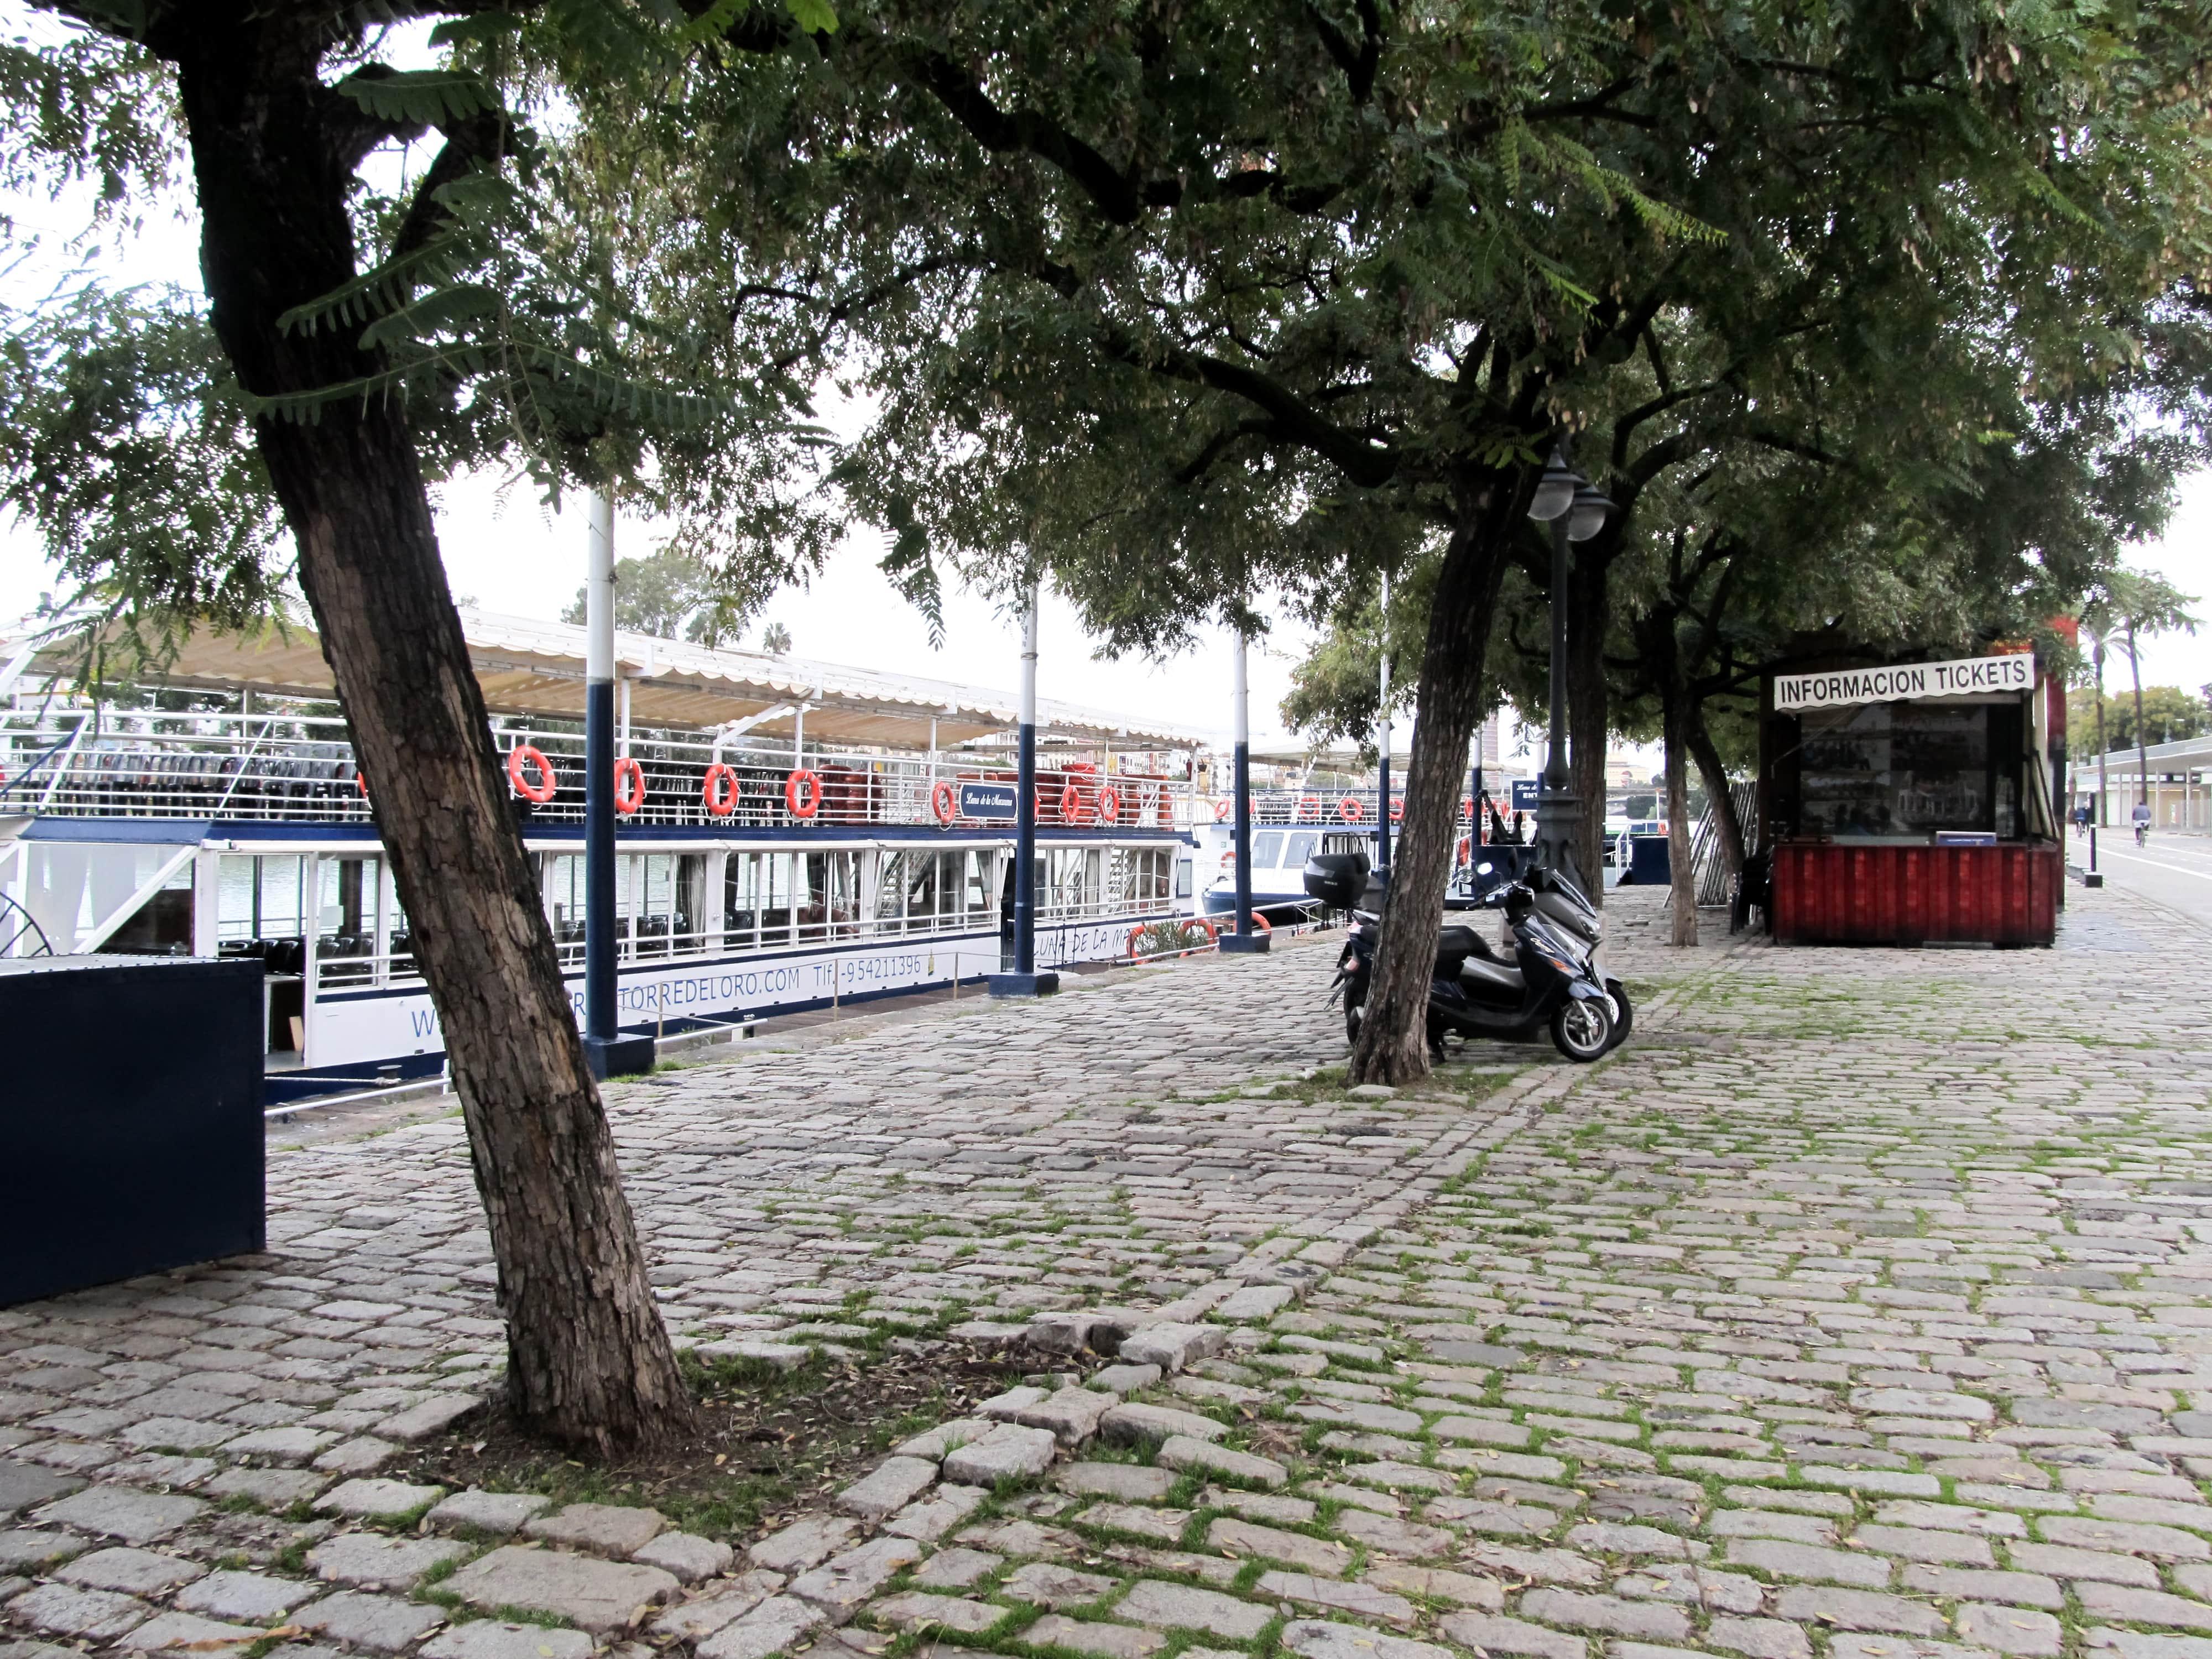 Guadalquivir : Retrouvez ici toutes les informations pour organiser votre long week-end à Séville, en Andalousie.